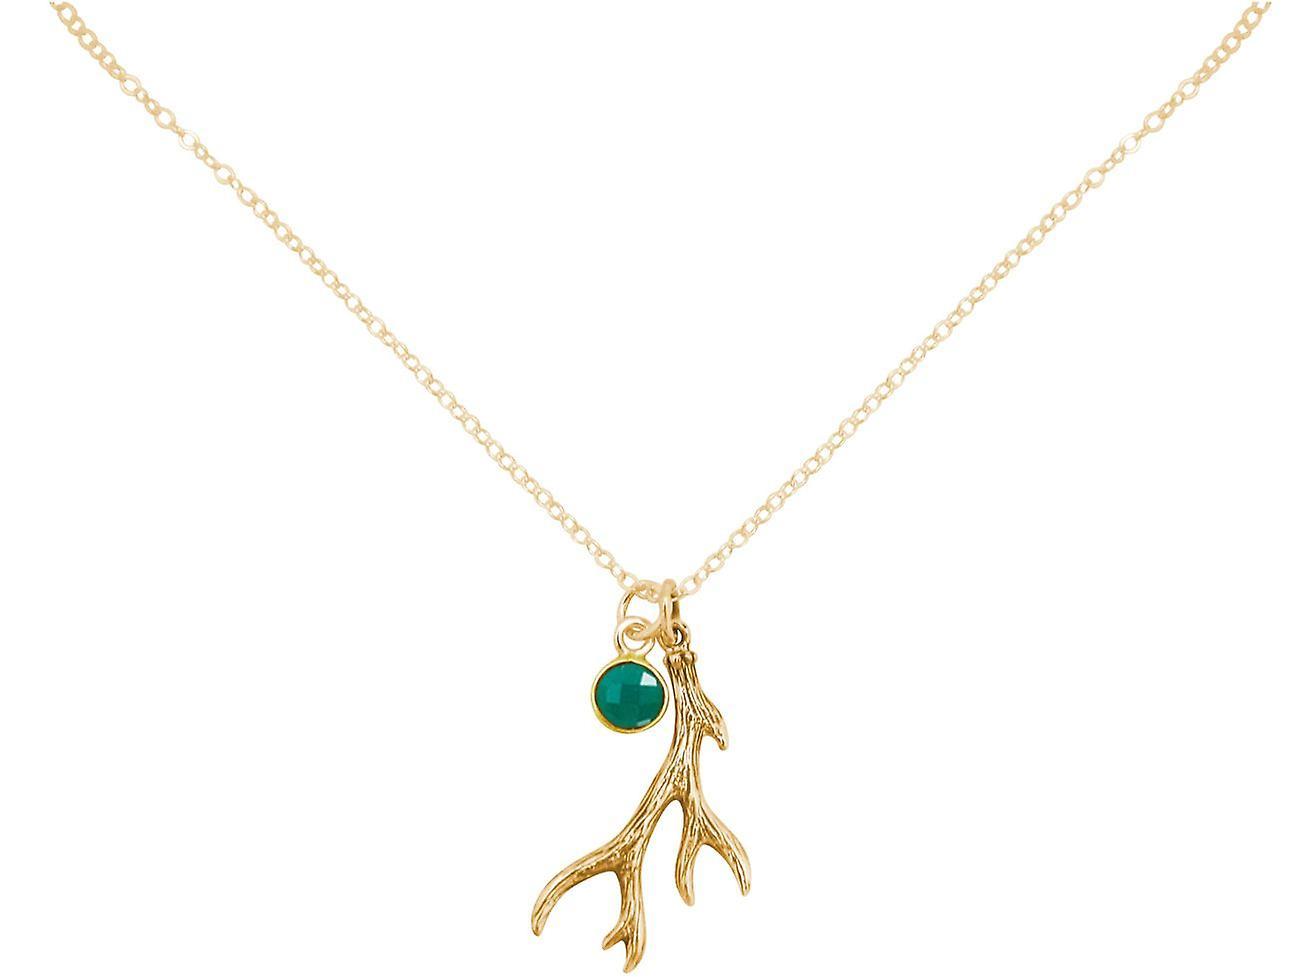 Gemshine Hirsch Elch Geweih Anhänger mit Smaragd 925 Silber, vergoldet oder rose